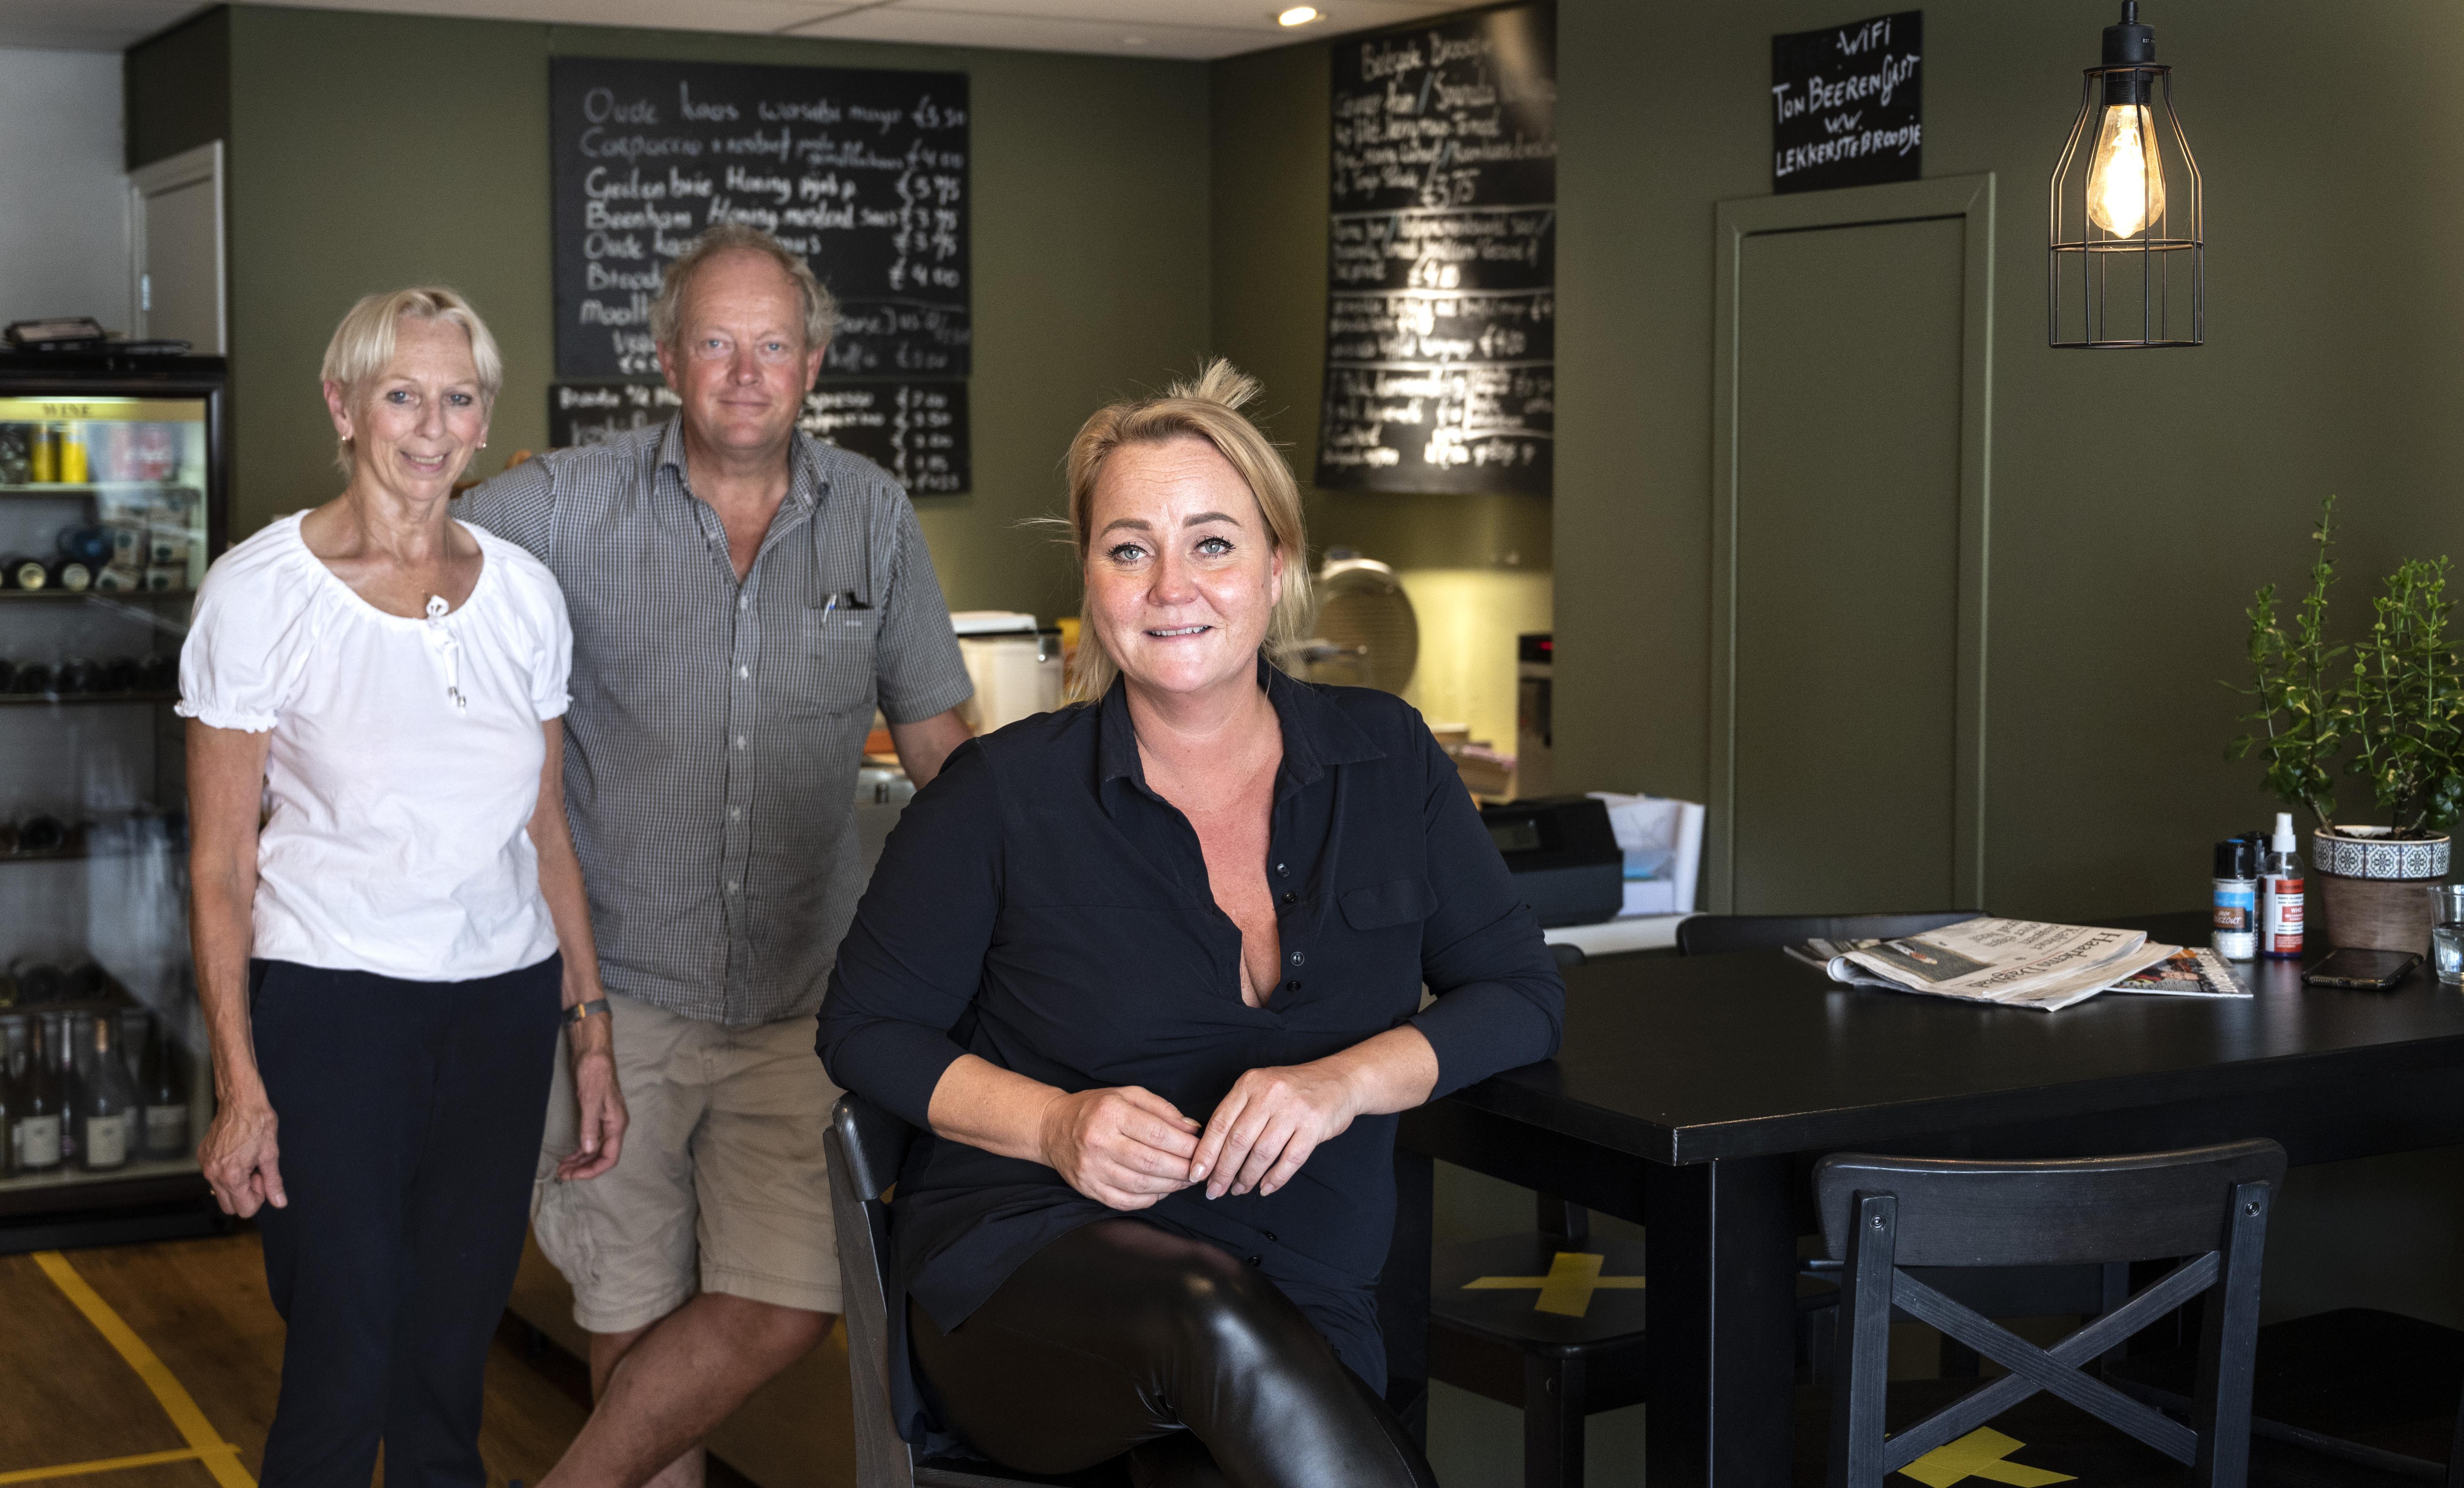 Ton Beeren vindt ideale opvolger voor broodjeszaak en catering aan de Wagenweg in Haarlem. 'Er zit toch 30 jaar van je leven in'